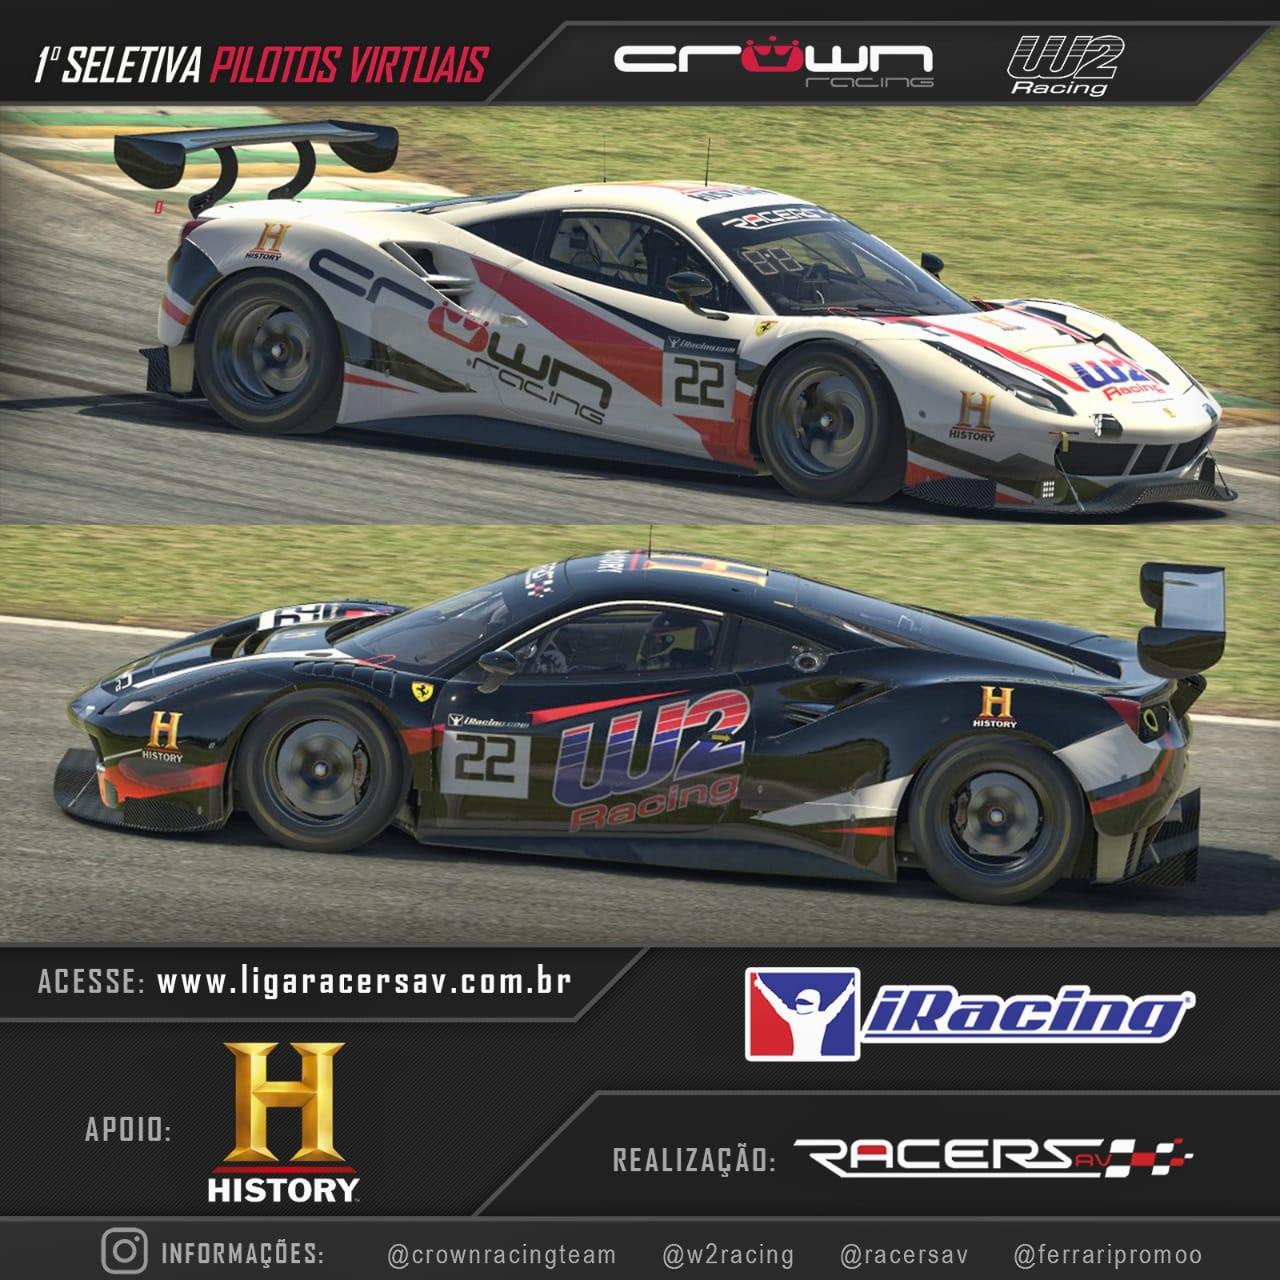 Photo of Stock Car – Com 330 inscritos, seletiva do piloto oficial da Crown Racing em automobilismo virtual tem seus 40 finalistas na plataforma iRacing